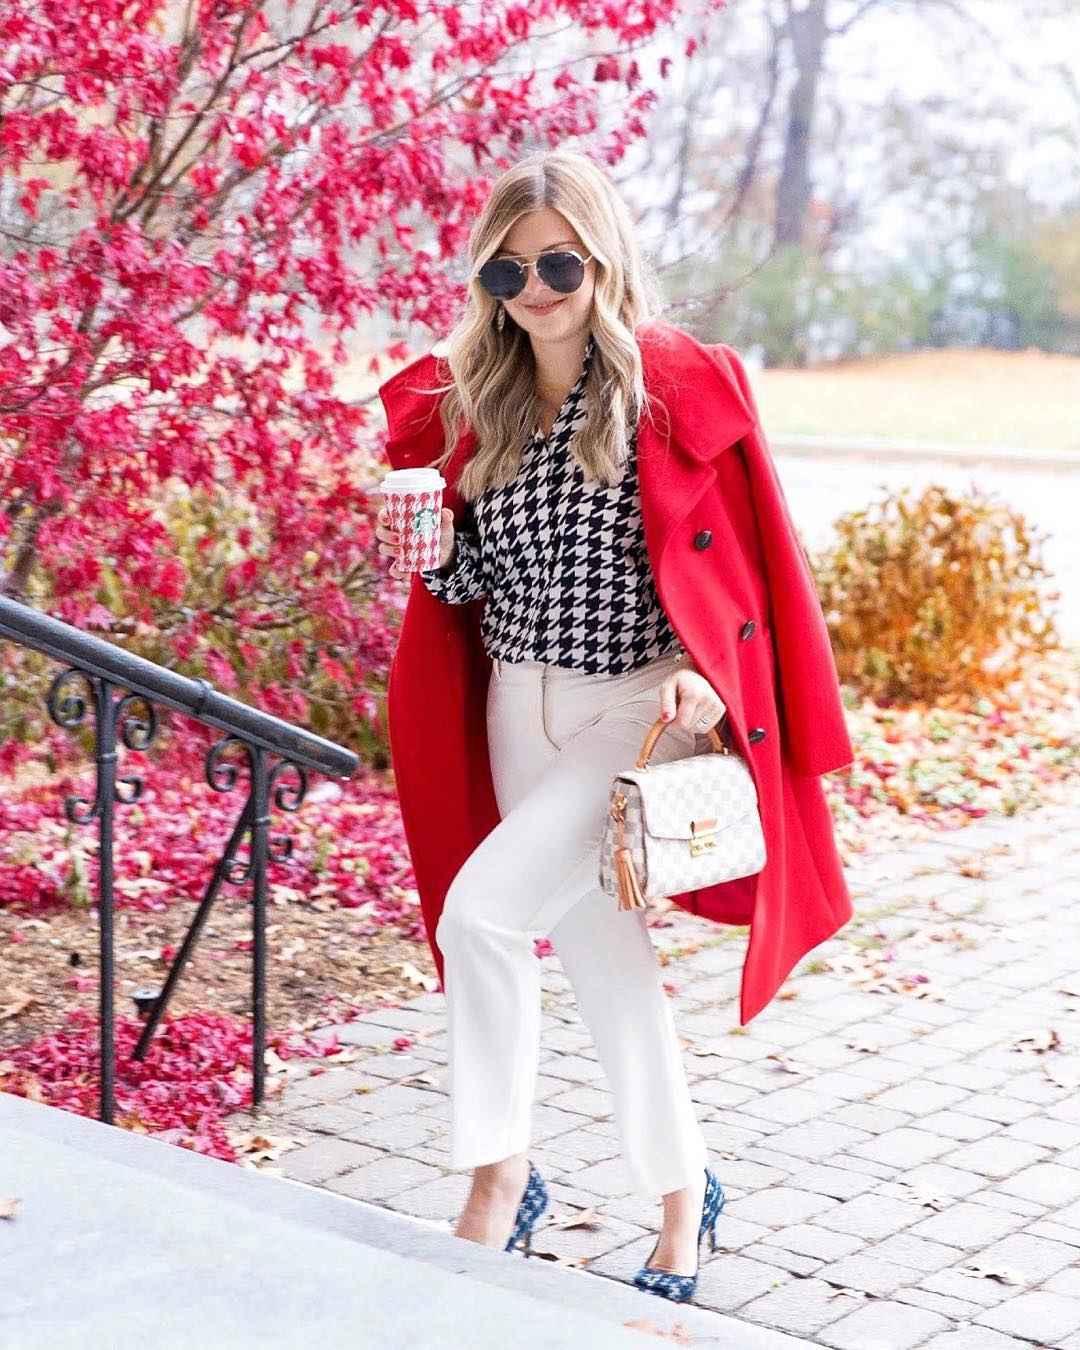 Модный офисный стиль 2019-2020 с брюками фото идеи_9